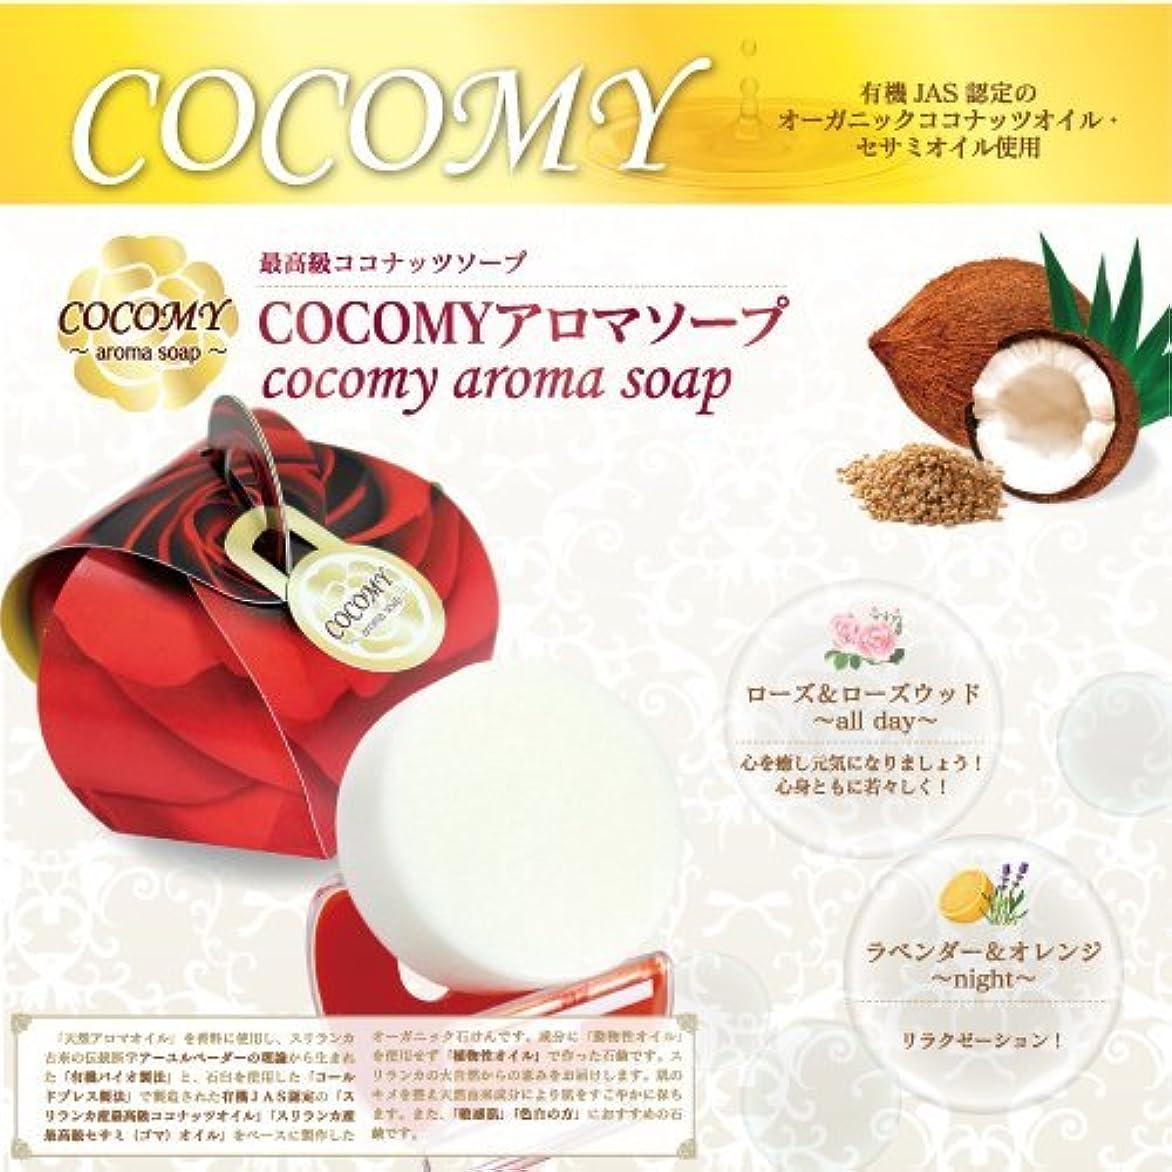 間違っている正しく静けさCOCOMY aromaソープ 2個セット (ラベンダー&オレンジ)(ローズ&ローズウッド)40g×各1